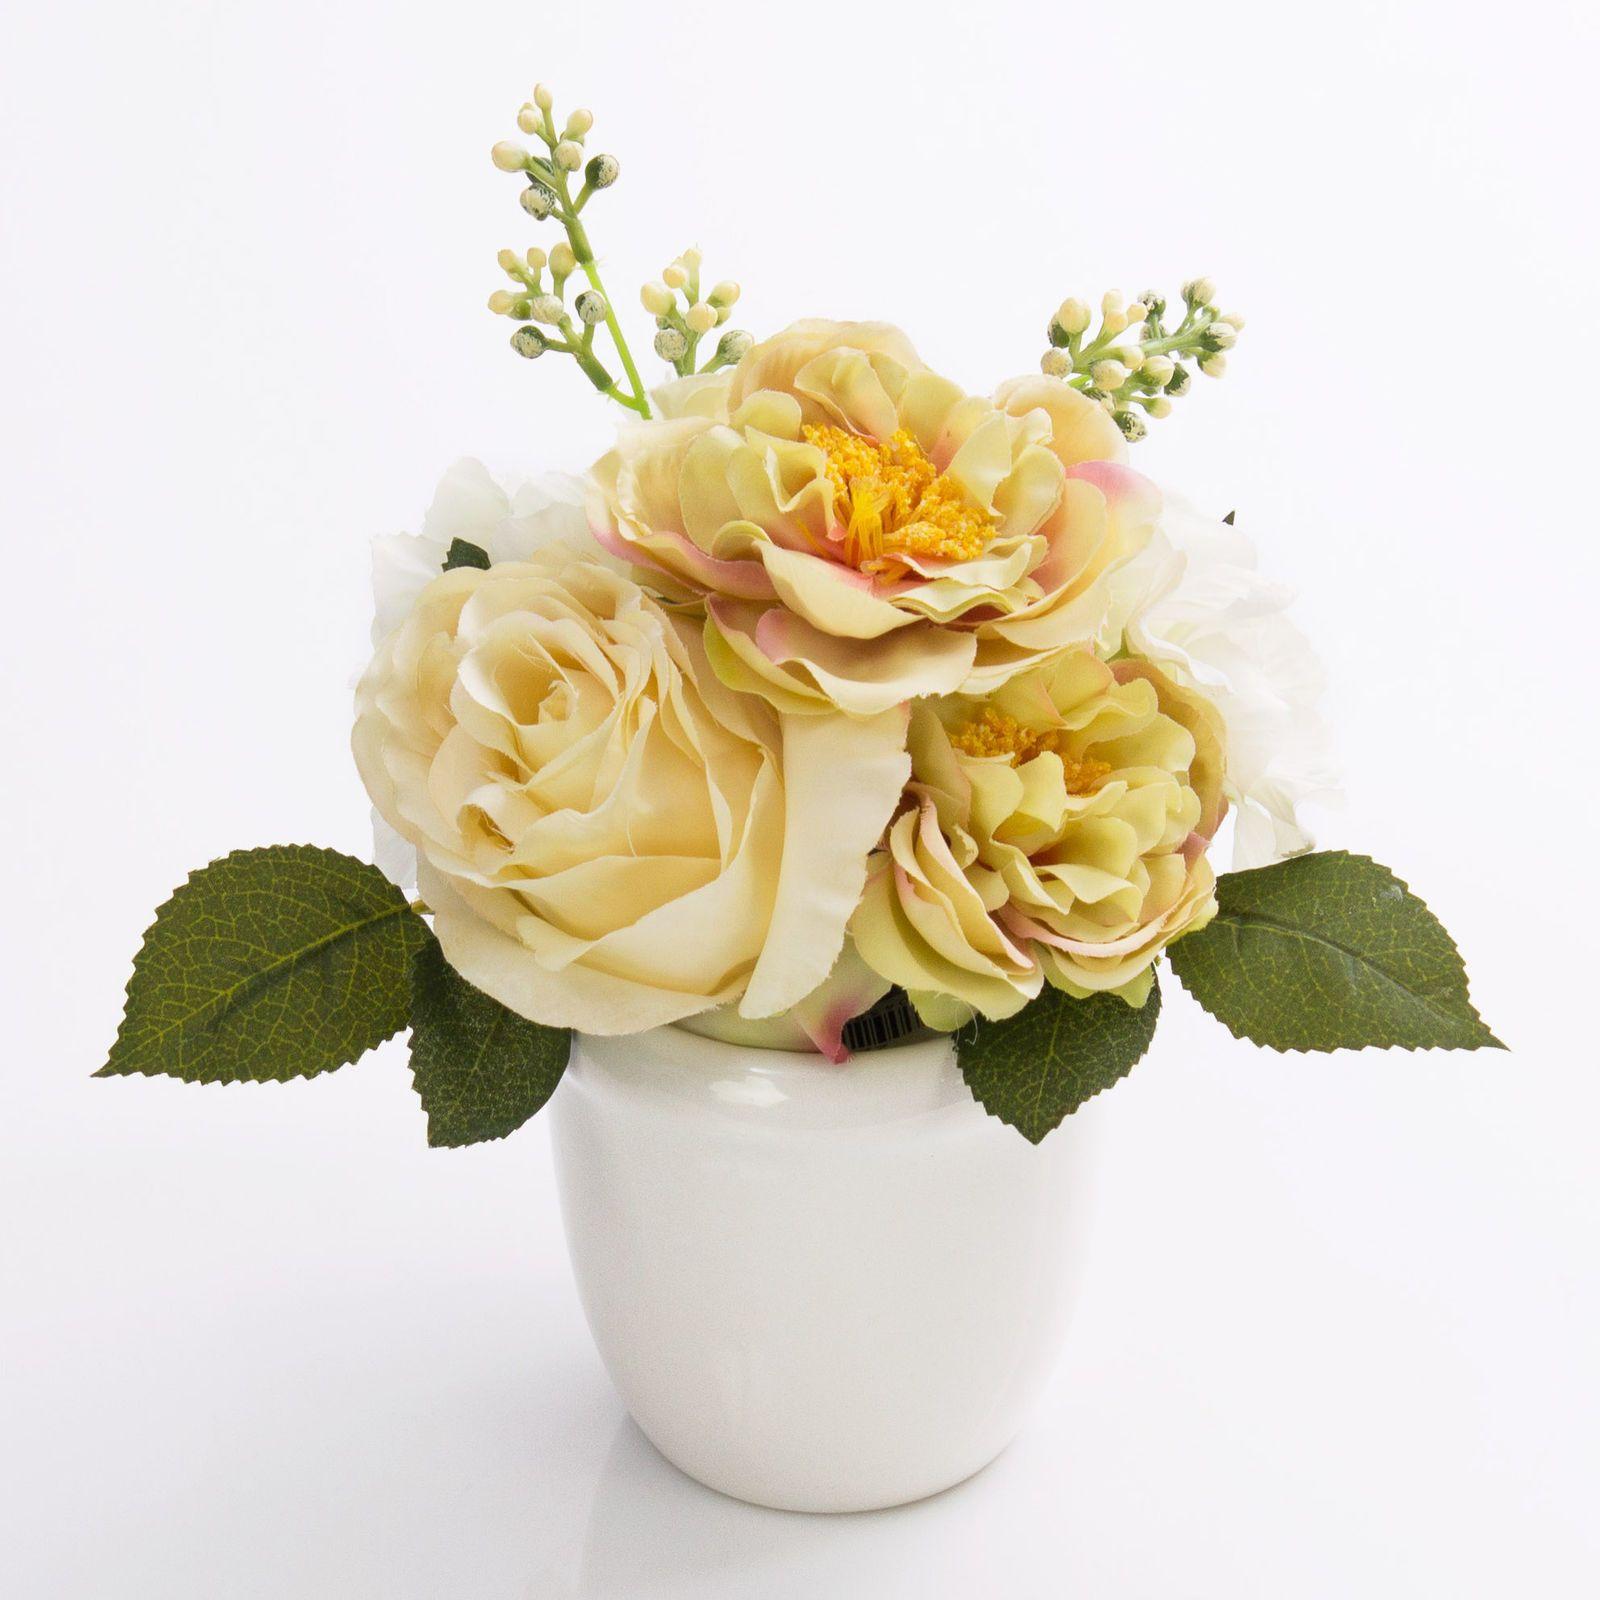 Vaso Con Ortensie Finte composizione di rose, ortensie artificiali seline in vaso